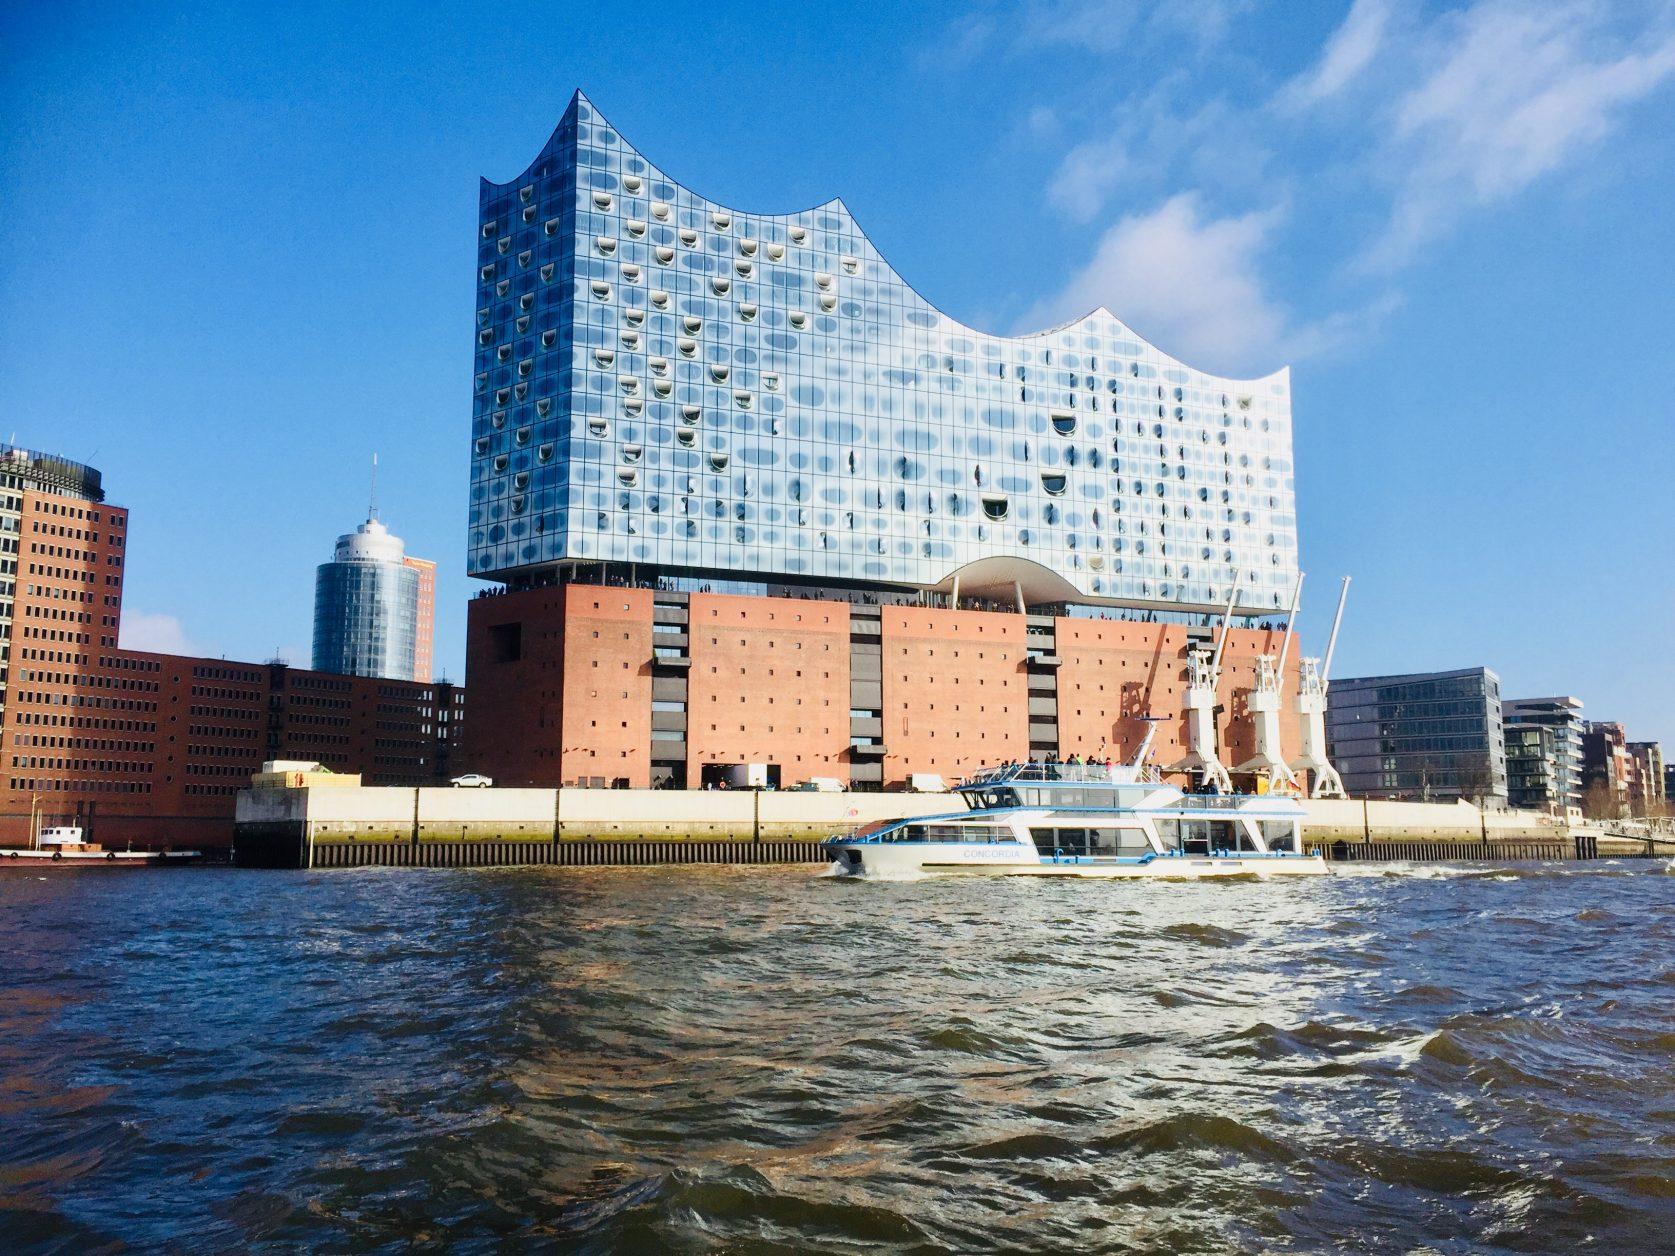 Hamburgs neue Attraktion: Elbphilharmonie Foto: Weirauch